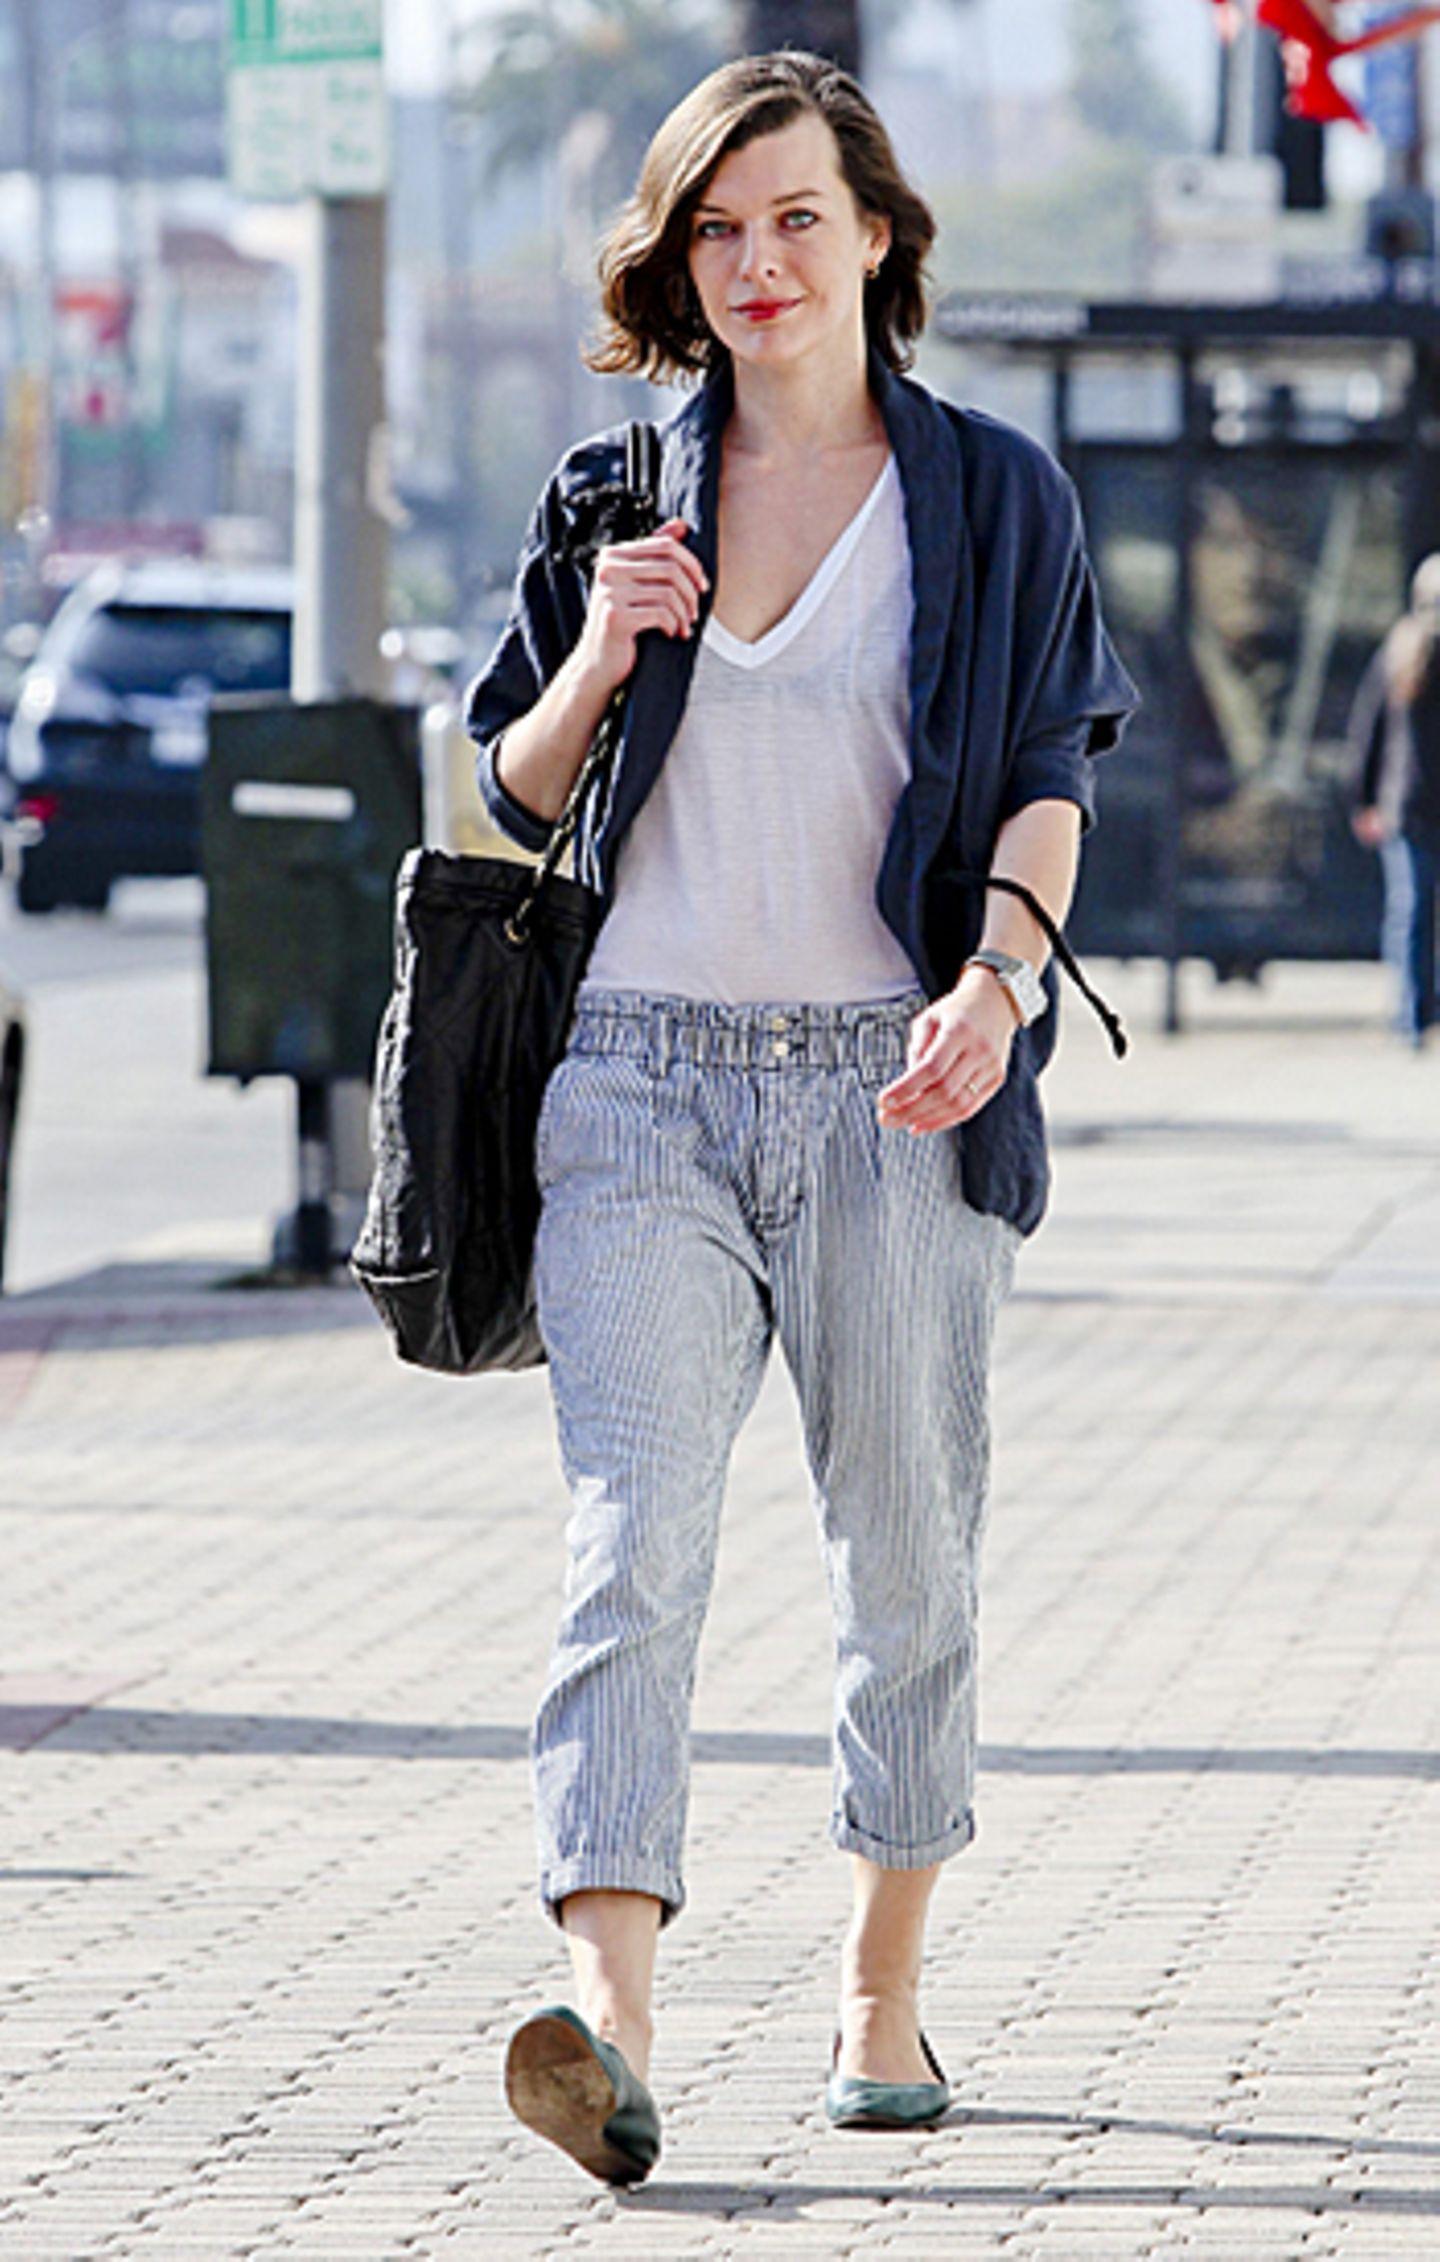 Milla Jovovich kann mit lockerer 7/8-Hose und transparentem Shirt die warmen Sonnenstrahlen in Hollywood genießen.